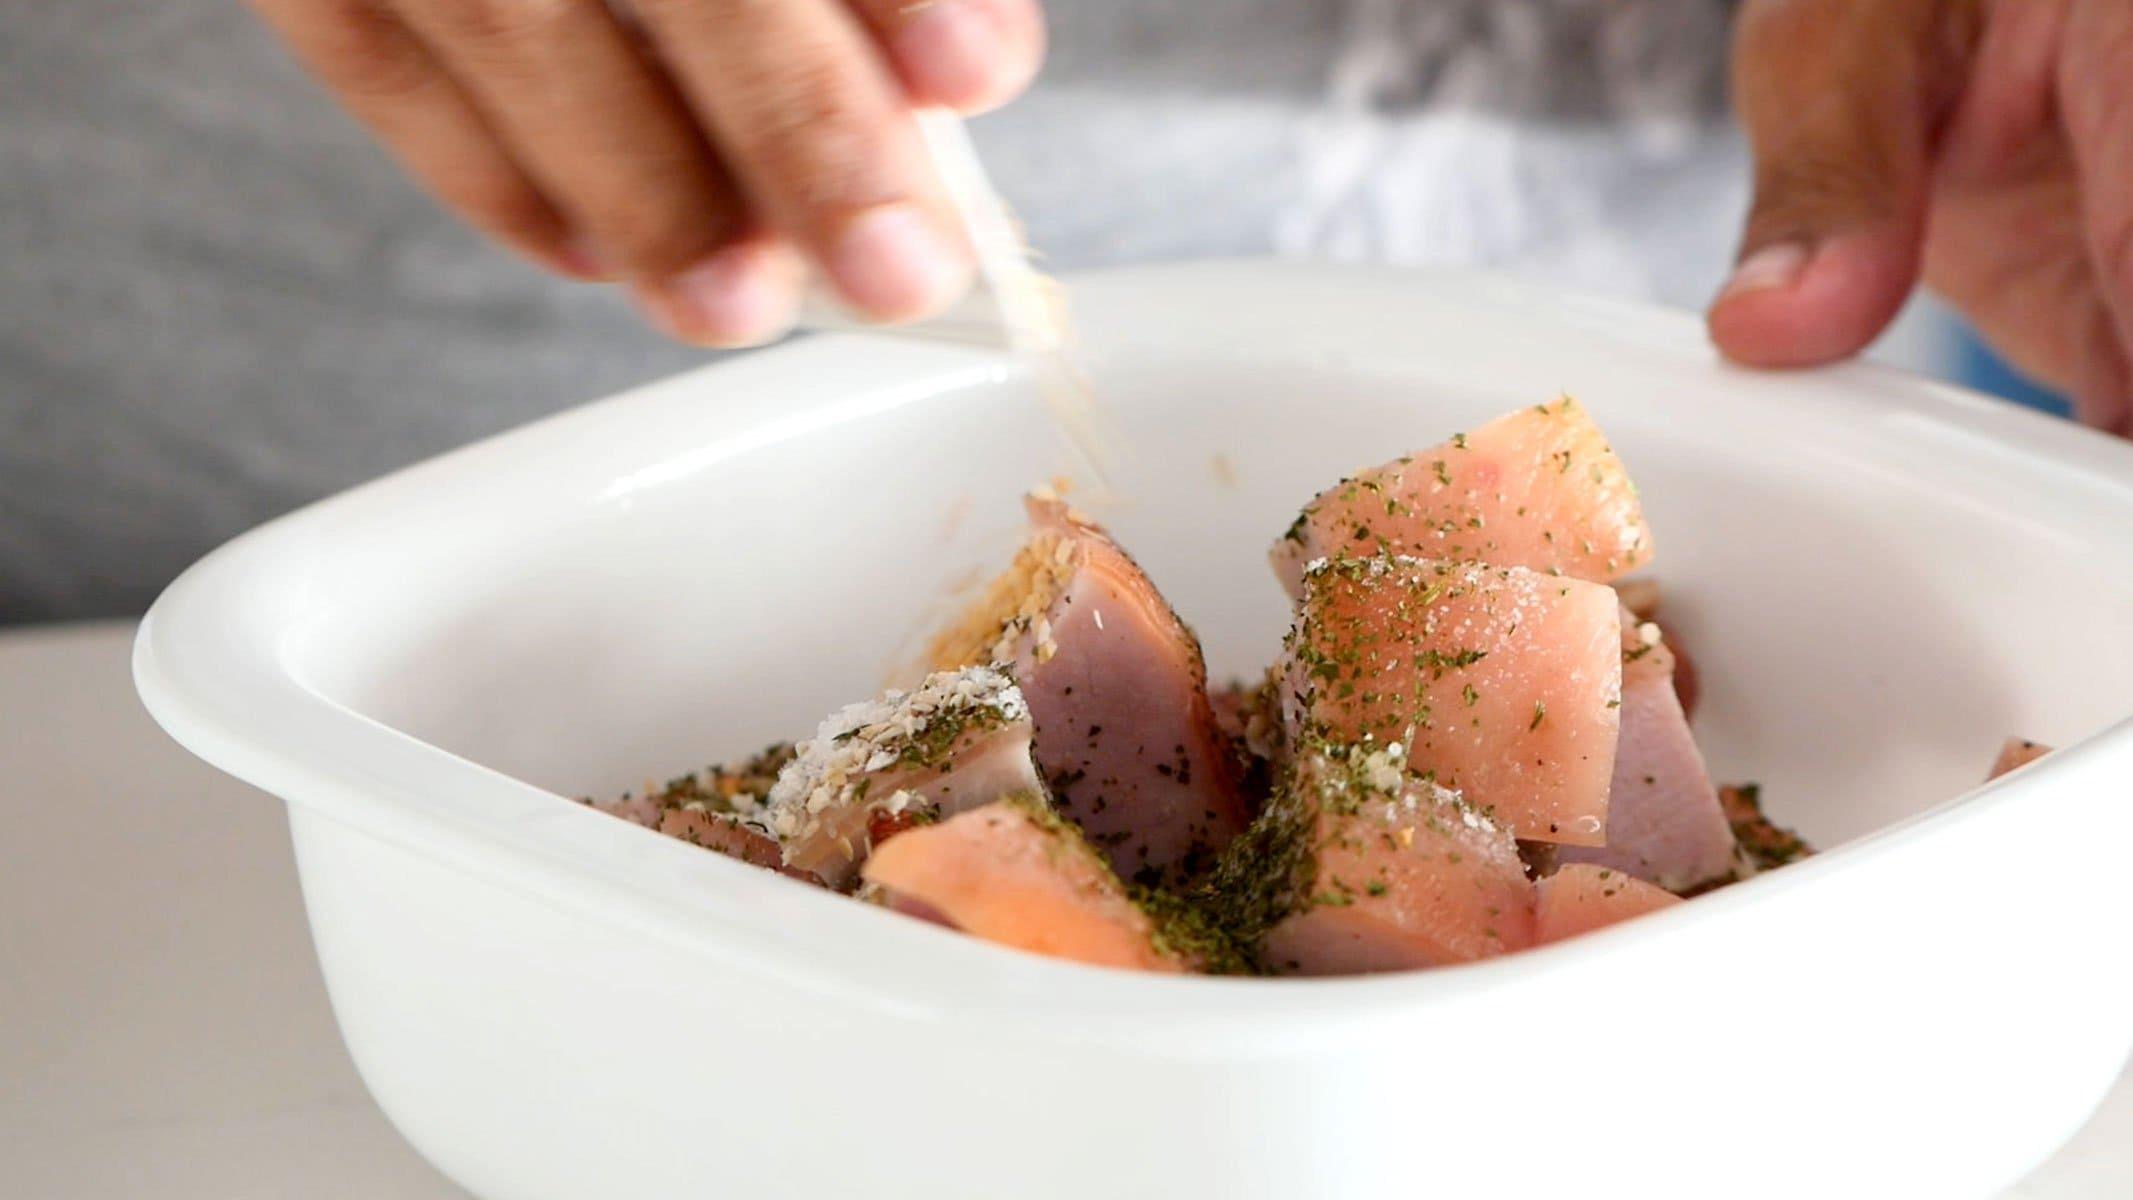 Sazonando la carne para chicharrón